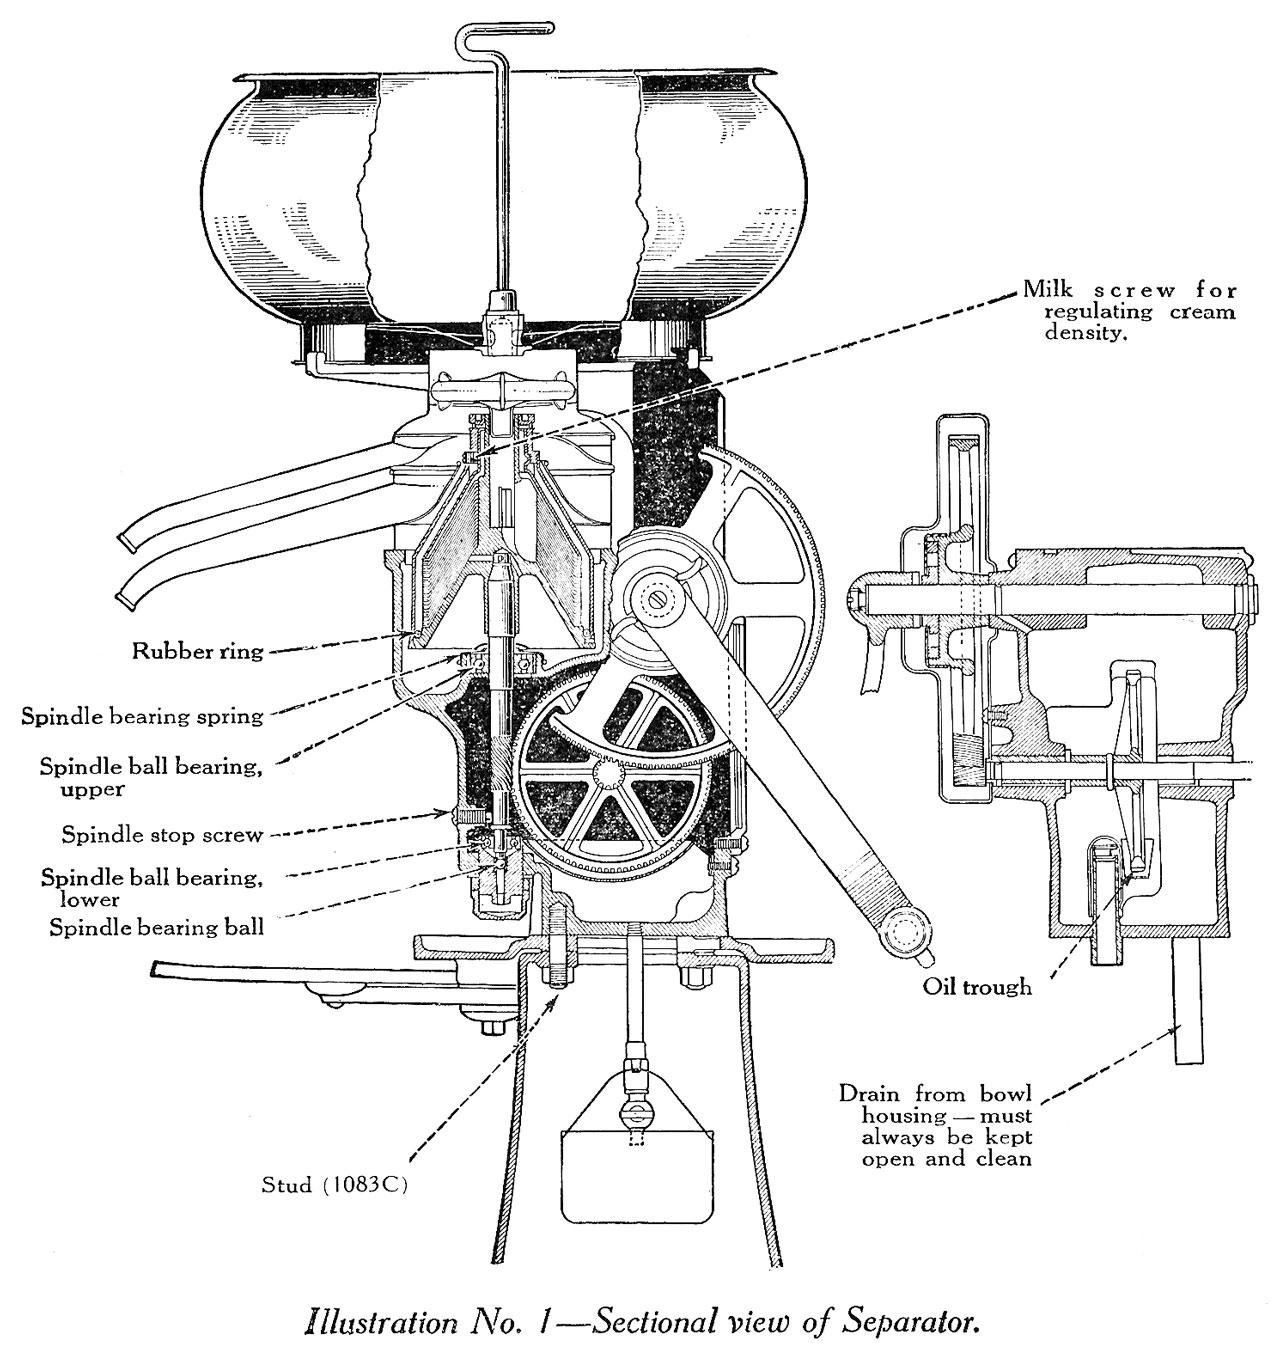 Diagram of cream separator